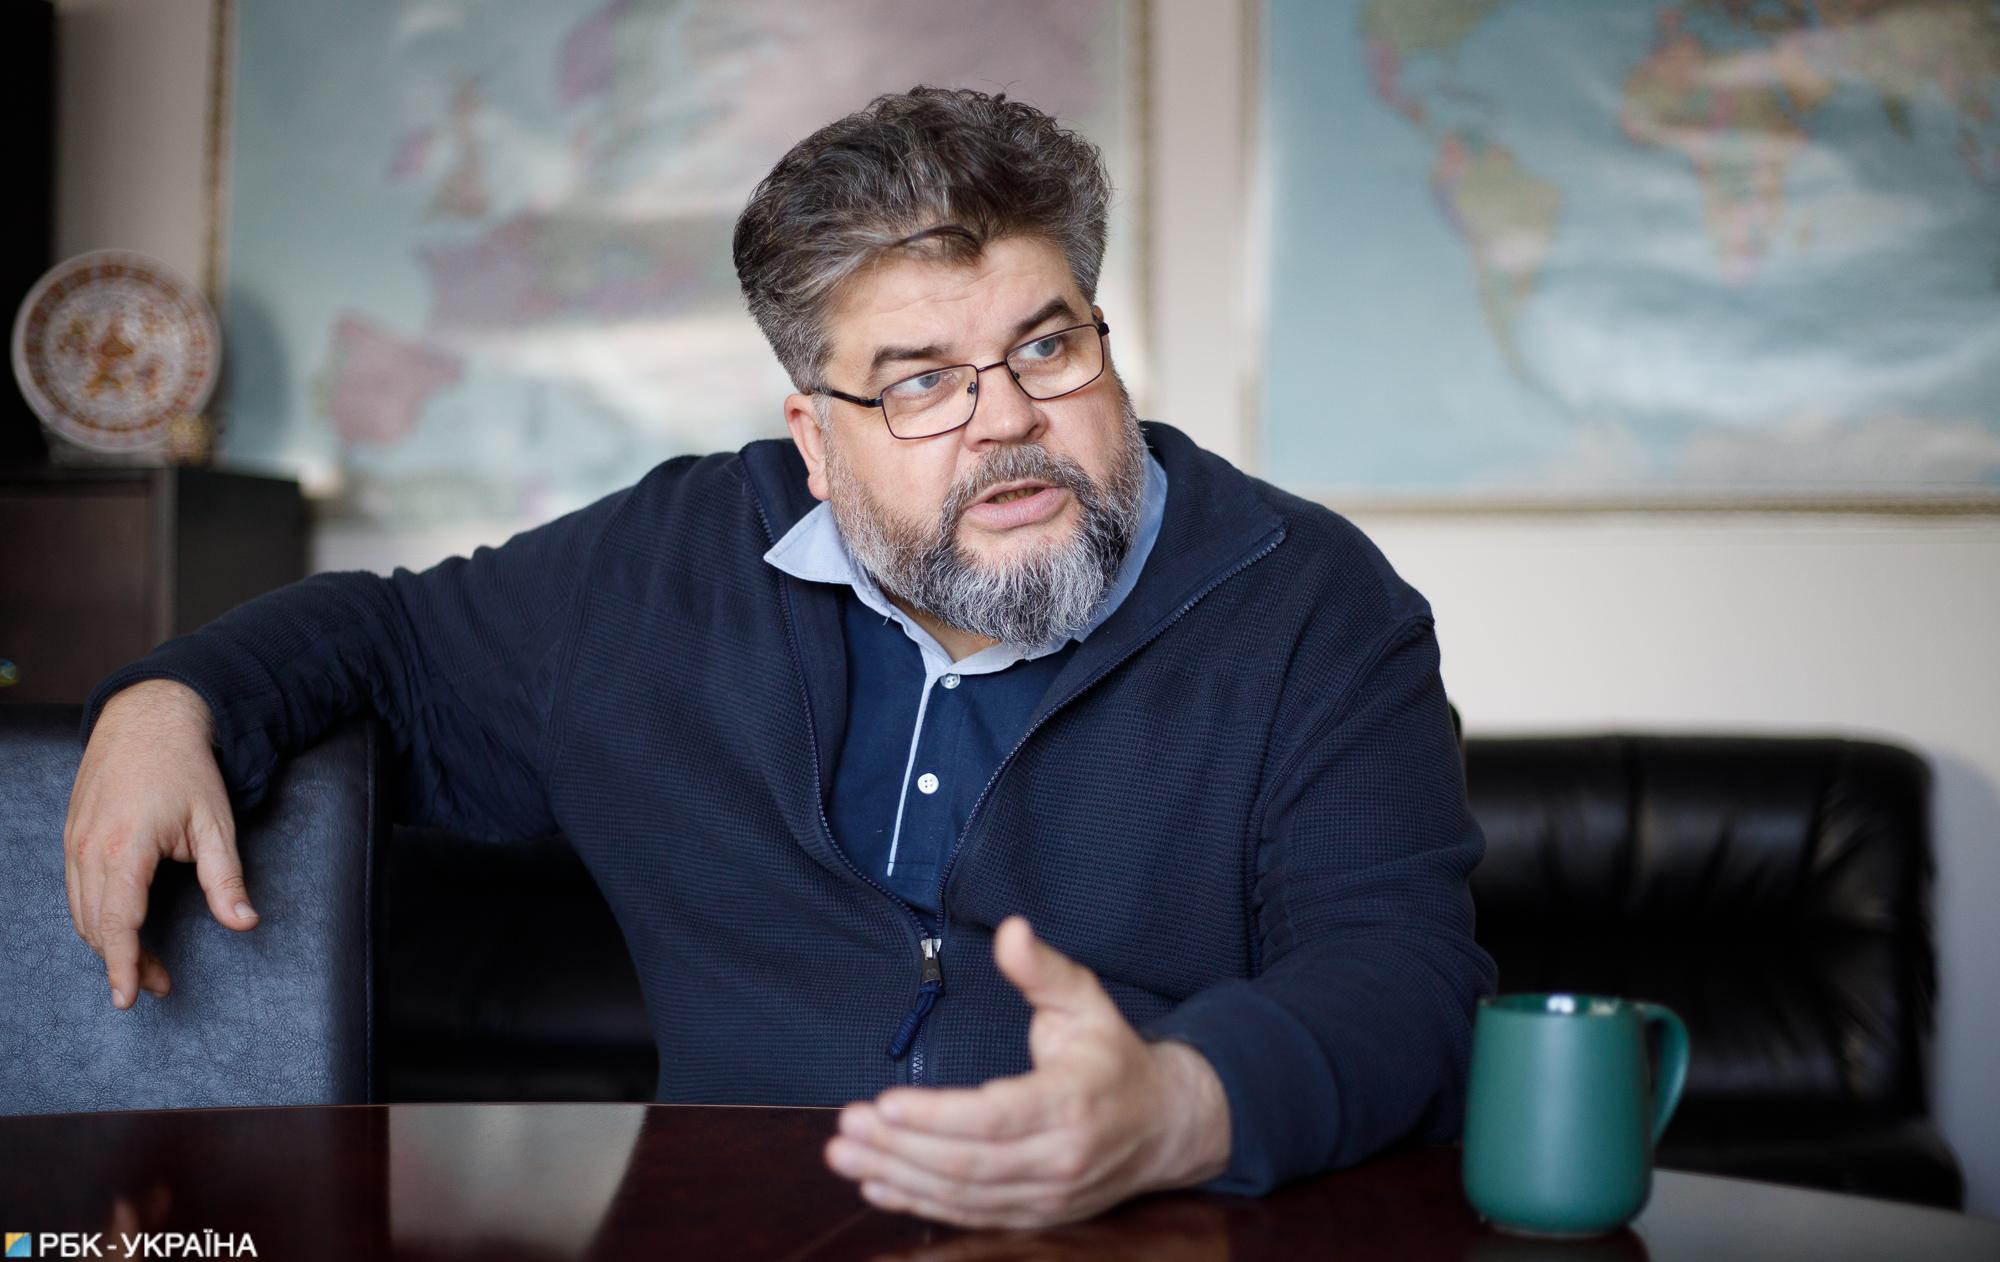 Богдан Яременко: Хотел бы напомнить, что не наши танки стоят под Тамбовом